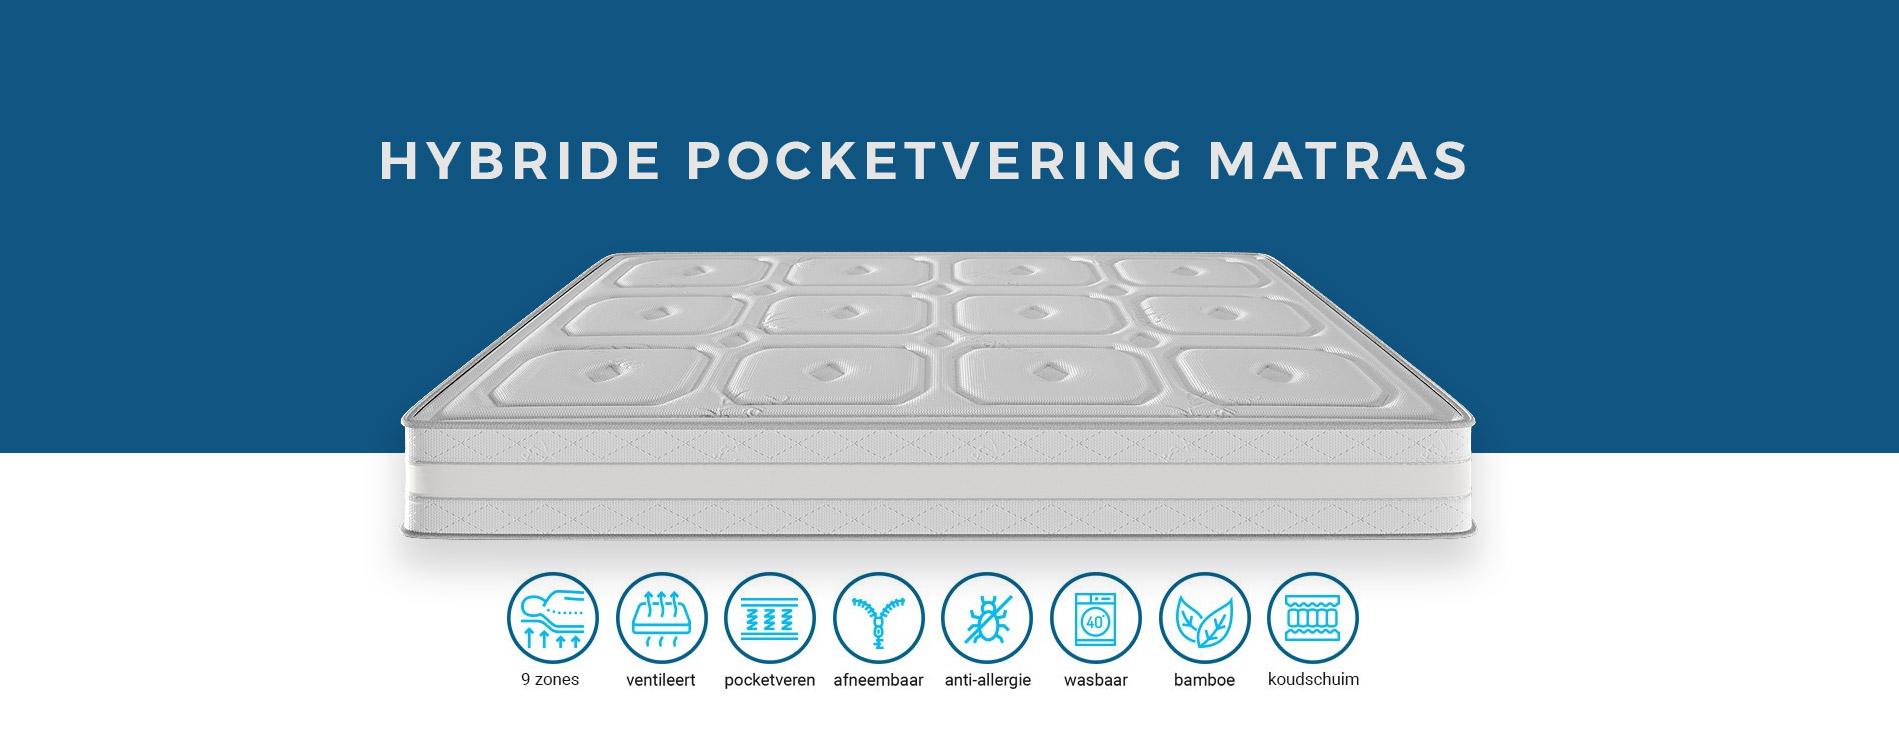 hybrid matrassen pocketvering